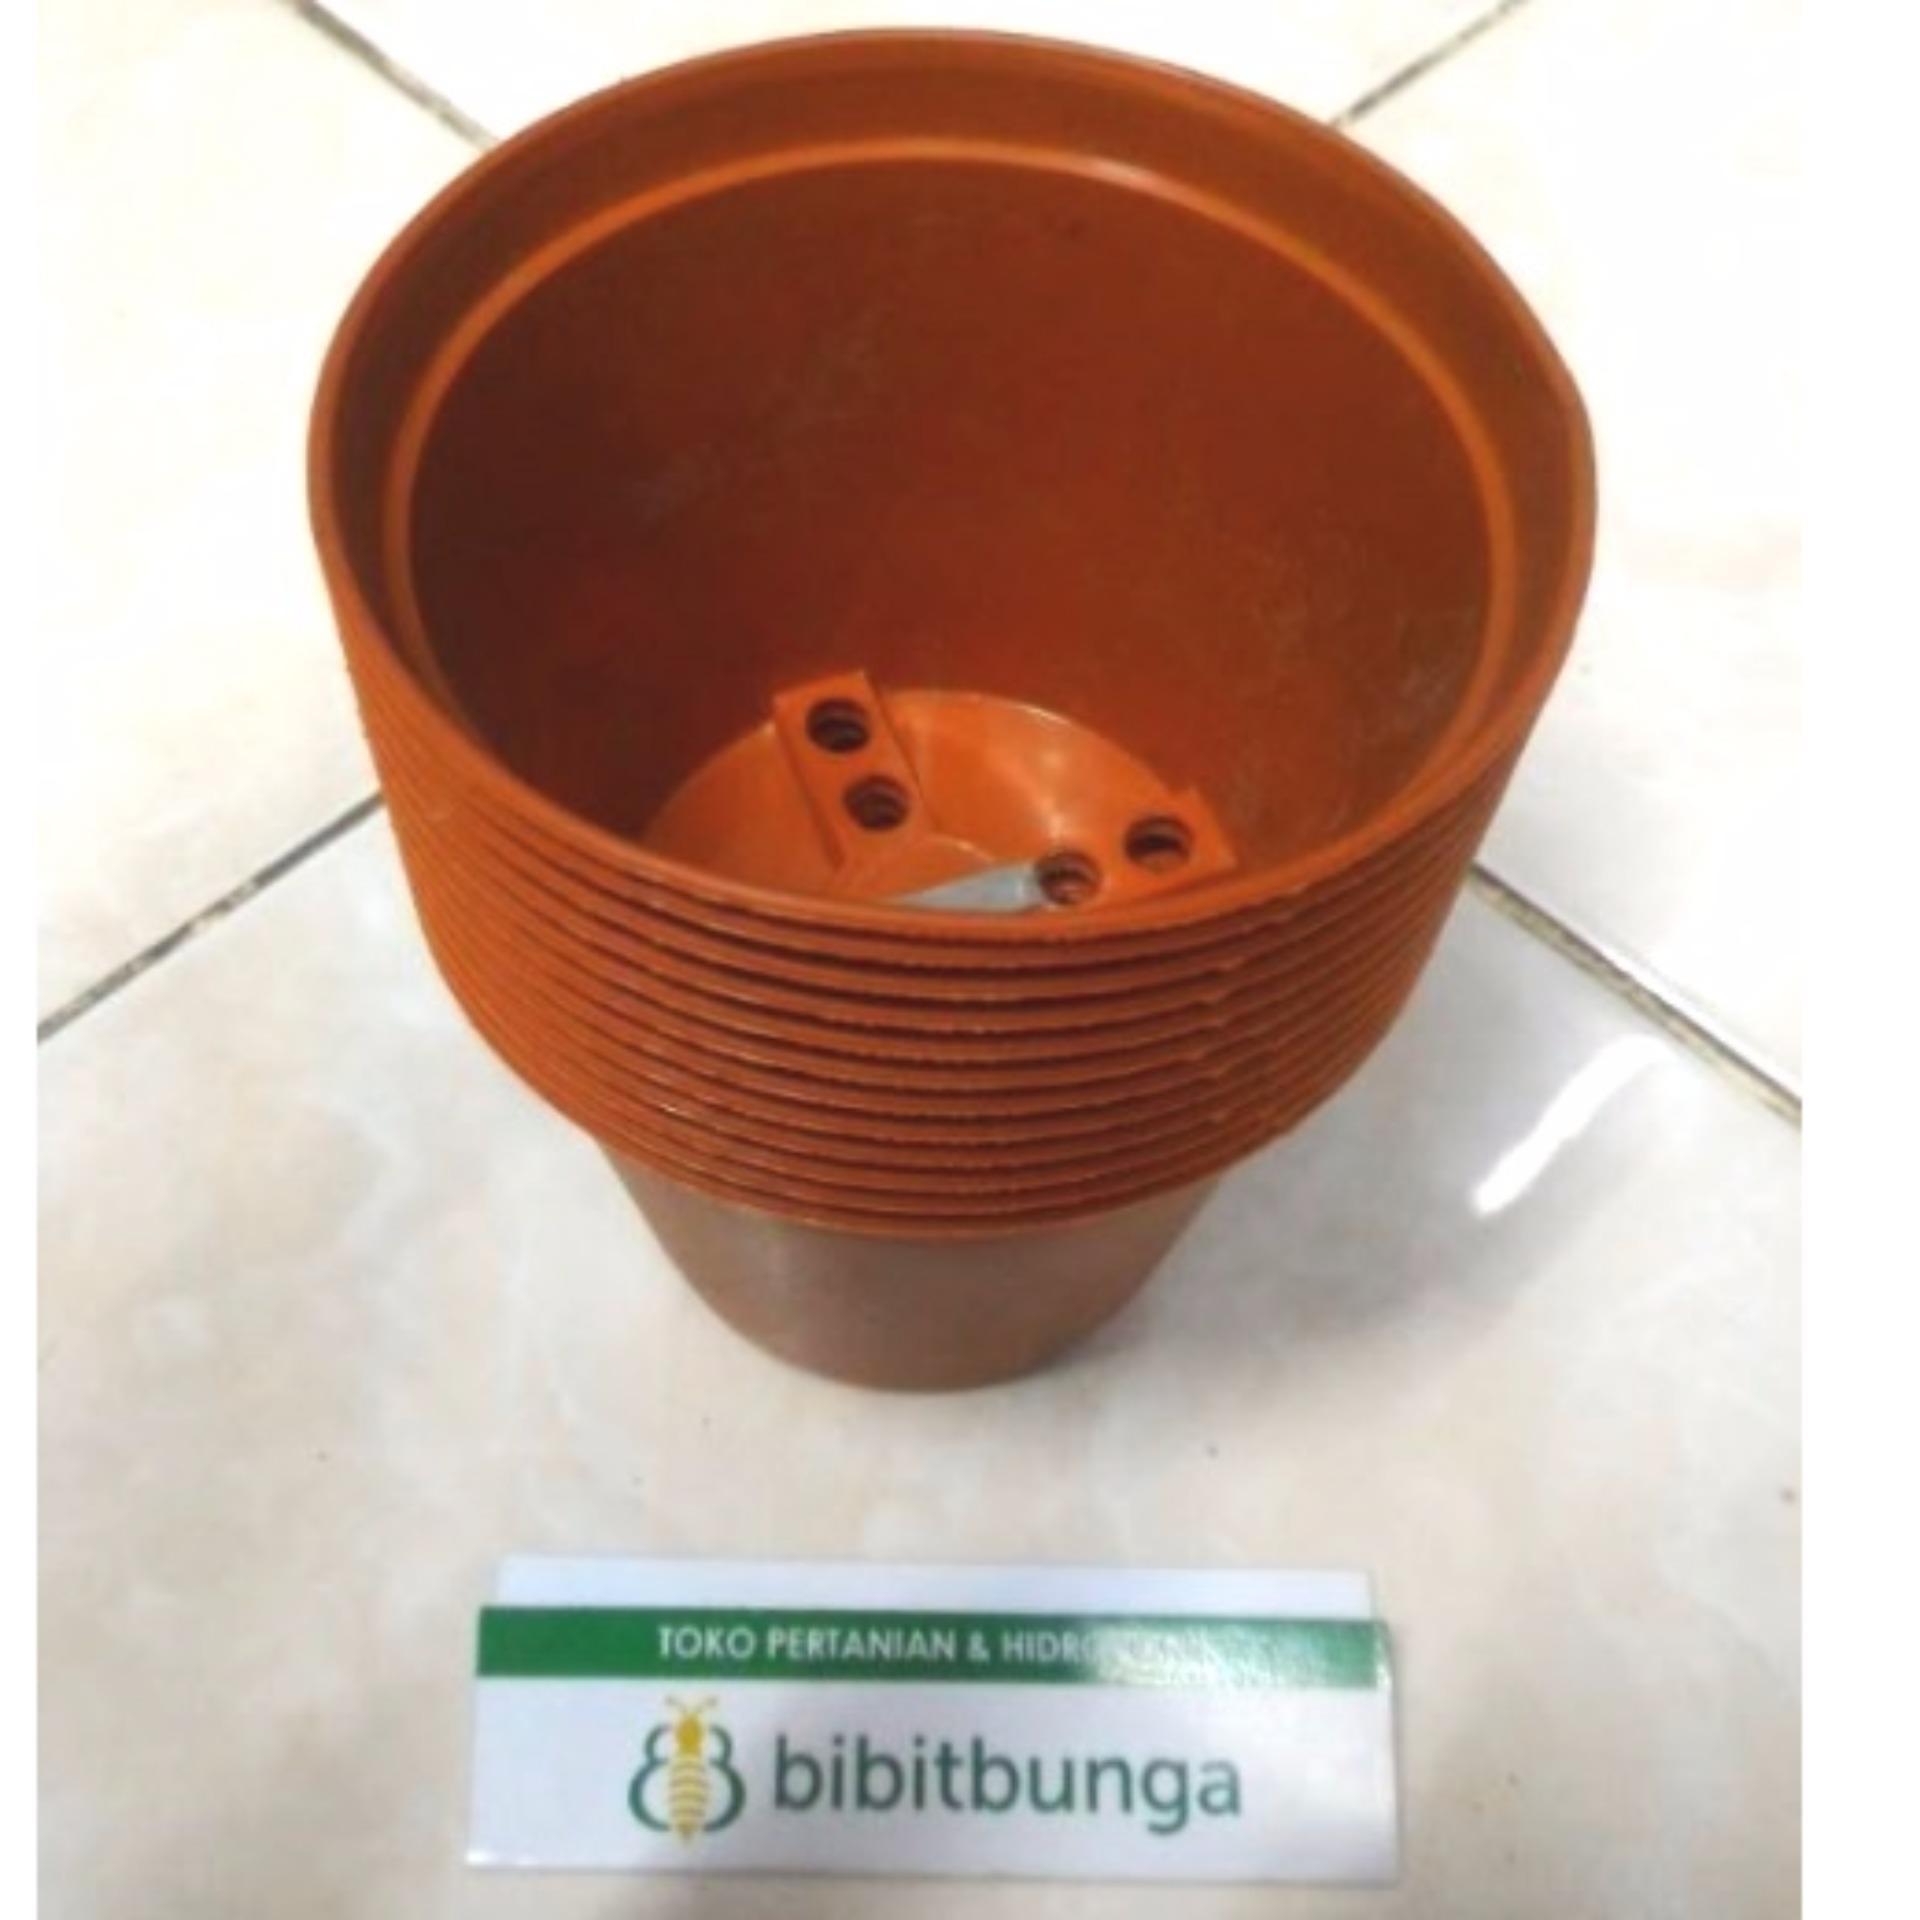 Harga preferensial Bibit Bunga Pot Bunga Vanda 950 Merah Bata beli sekarang  - Hanya Rp7. 4251d476ed